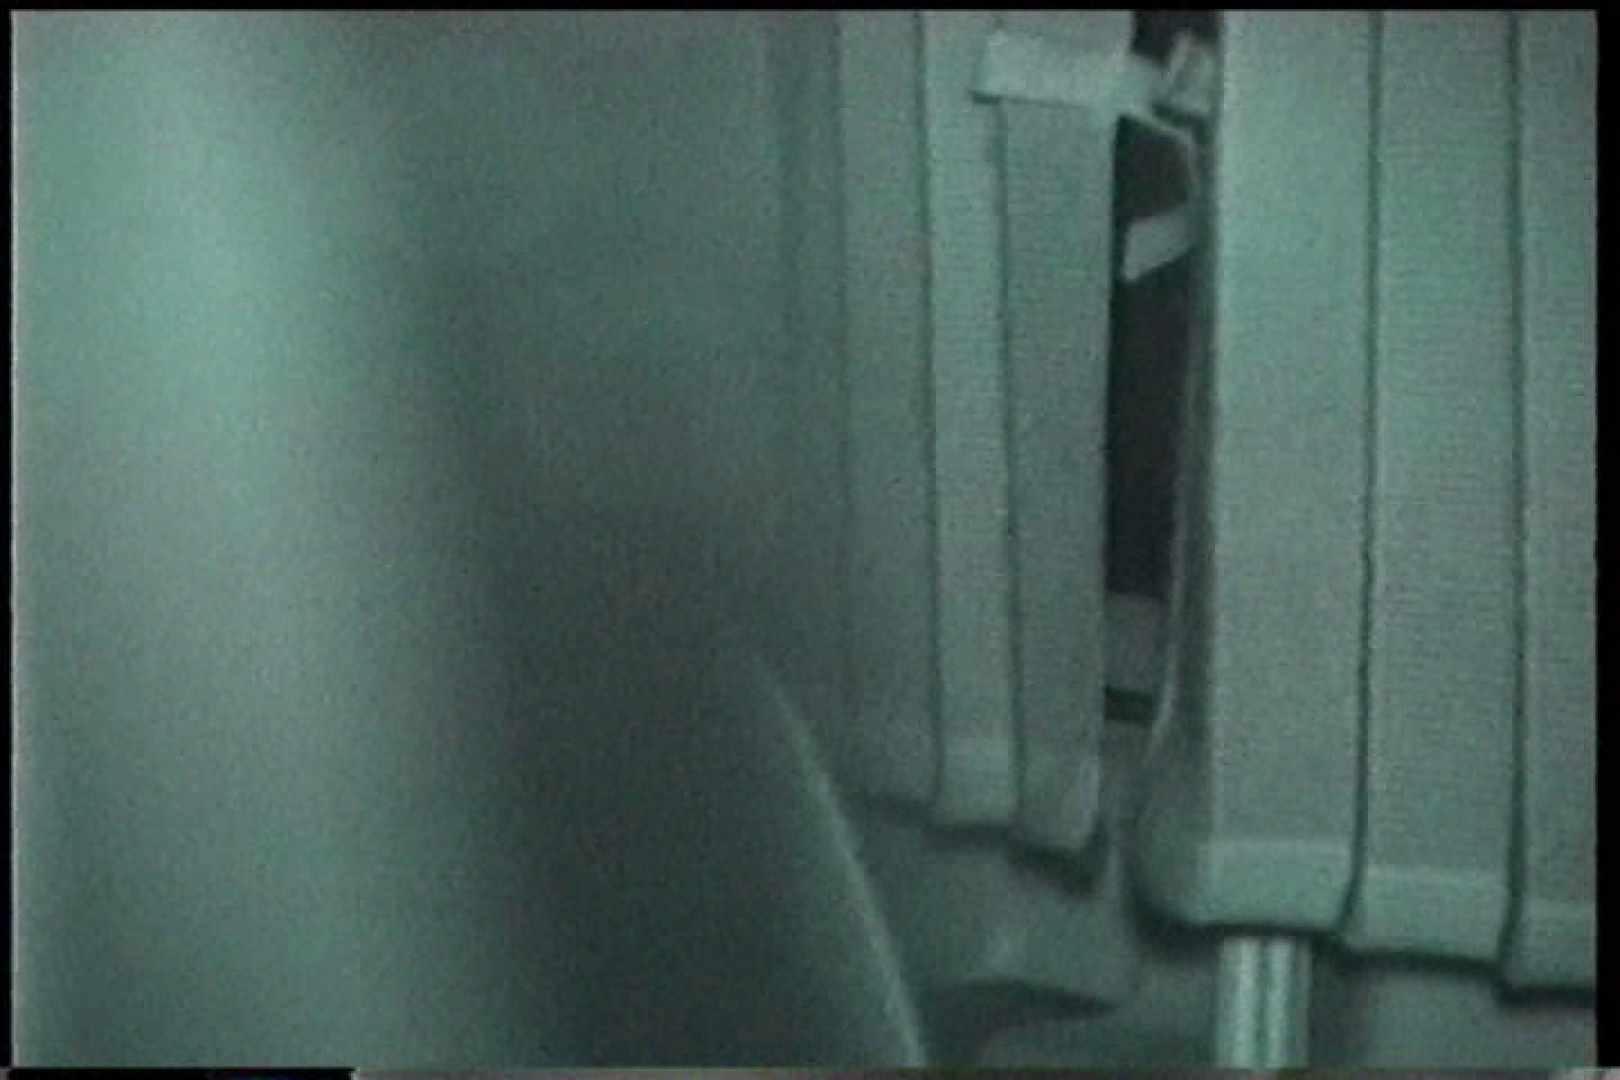 充血監督の深夜の運動会Vol.227 OLエロ画像 のぞきエロ無料画像 69PICs 59